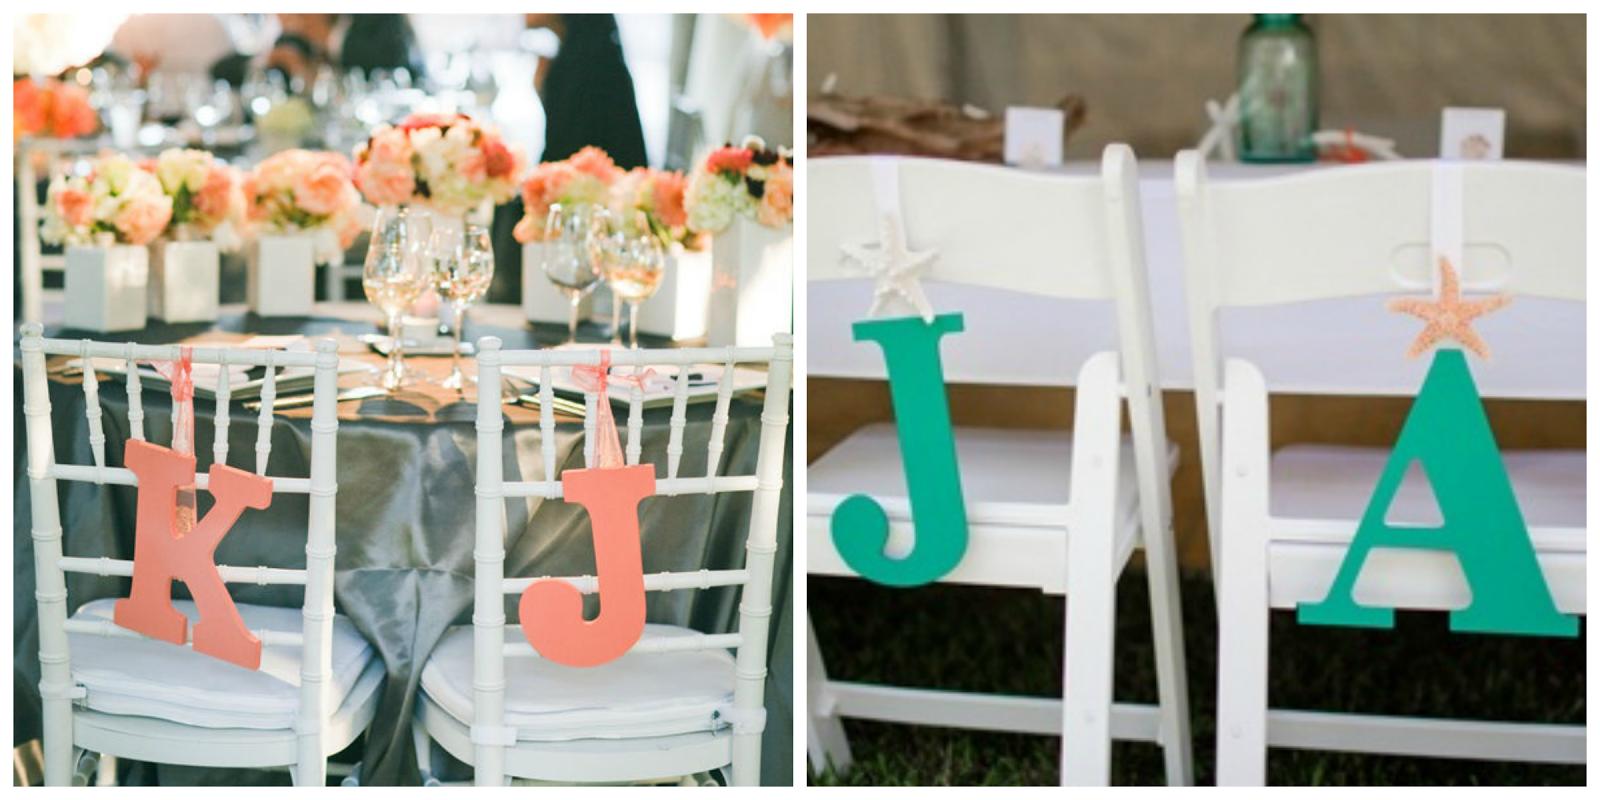 8 ideas originales para personalizar tu boda con vuestras iniciales blog de bodas originales - Bodas originales ideas ...